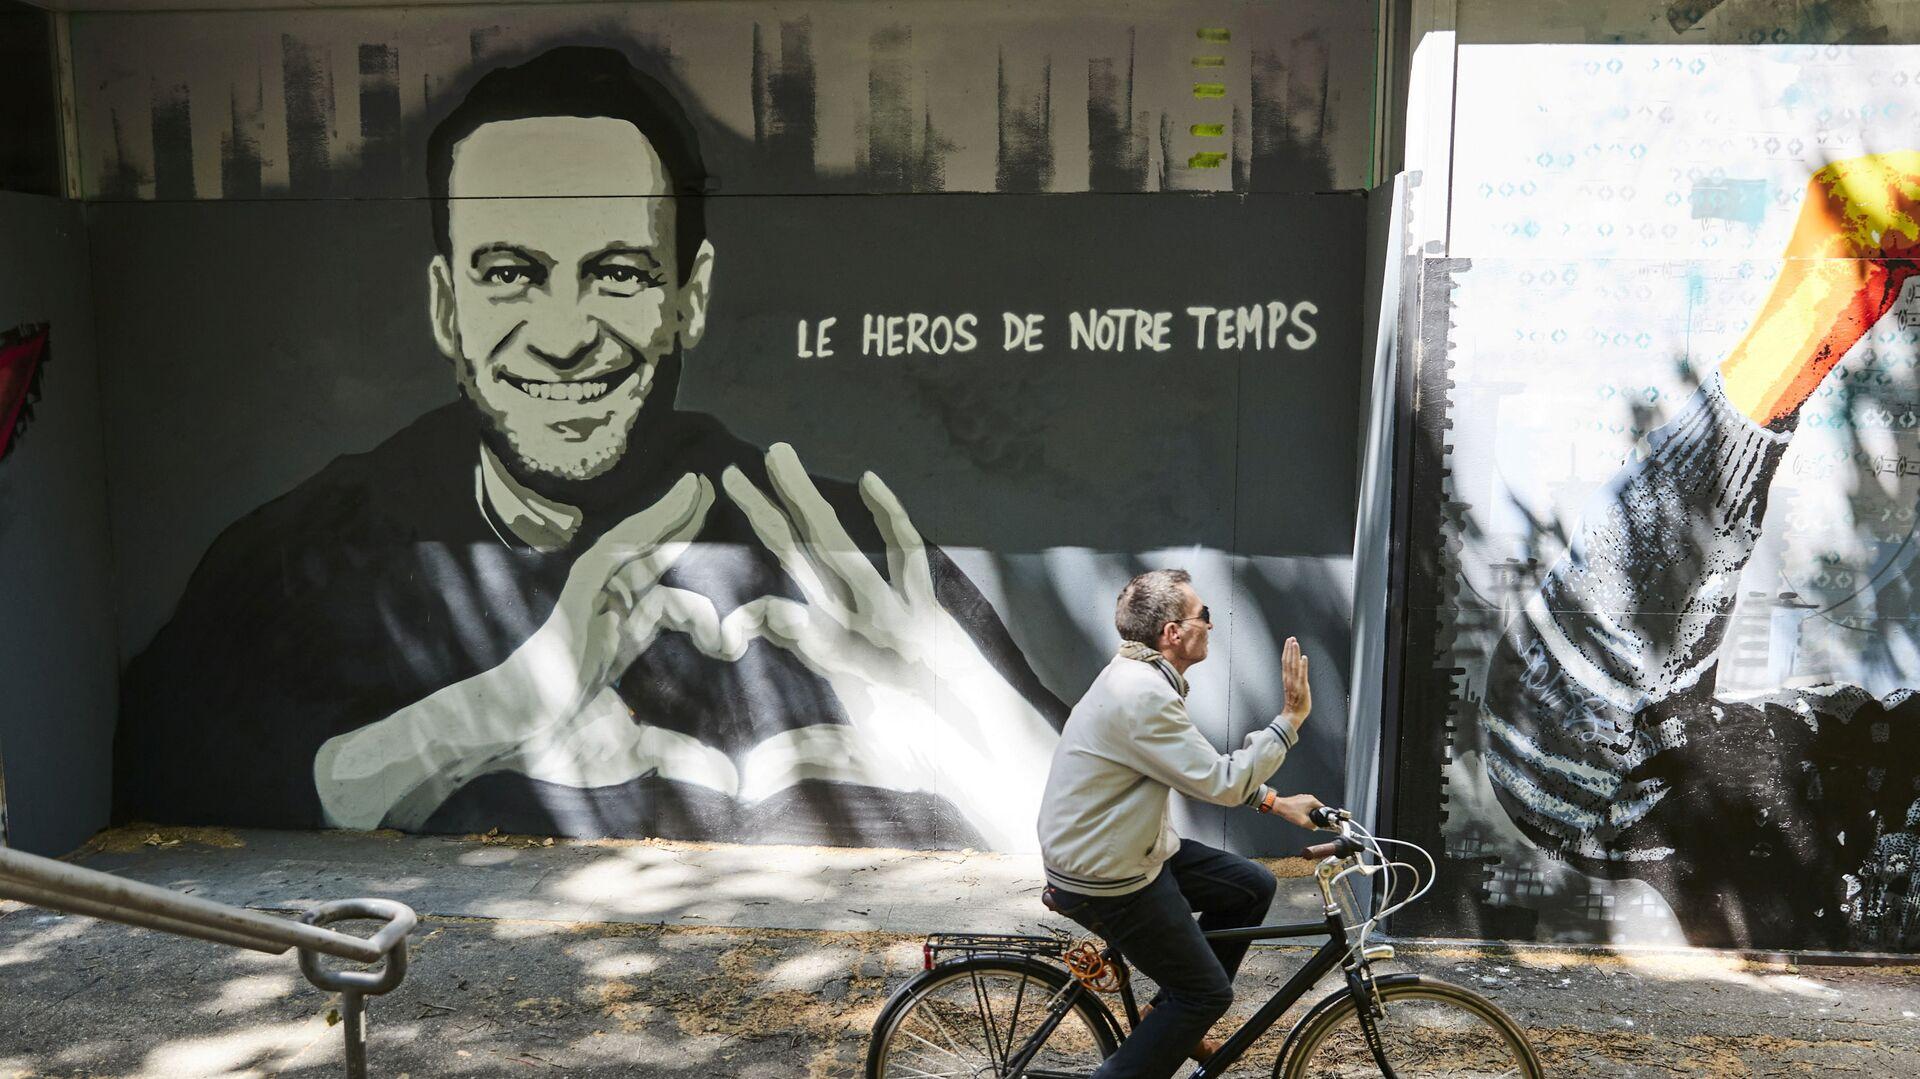 Graffiti przedstawiające Aleksieja Nawalnego autorstwa szwajcarskiego artystów Julien Baro & Lud, Szwajcaria. - Sputnik Polska, 1920, 17.06.2021